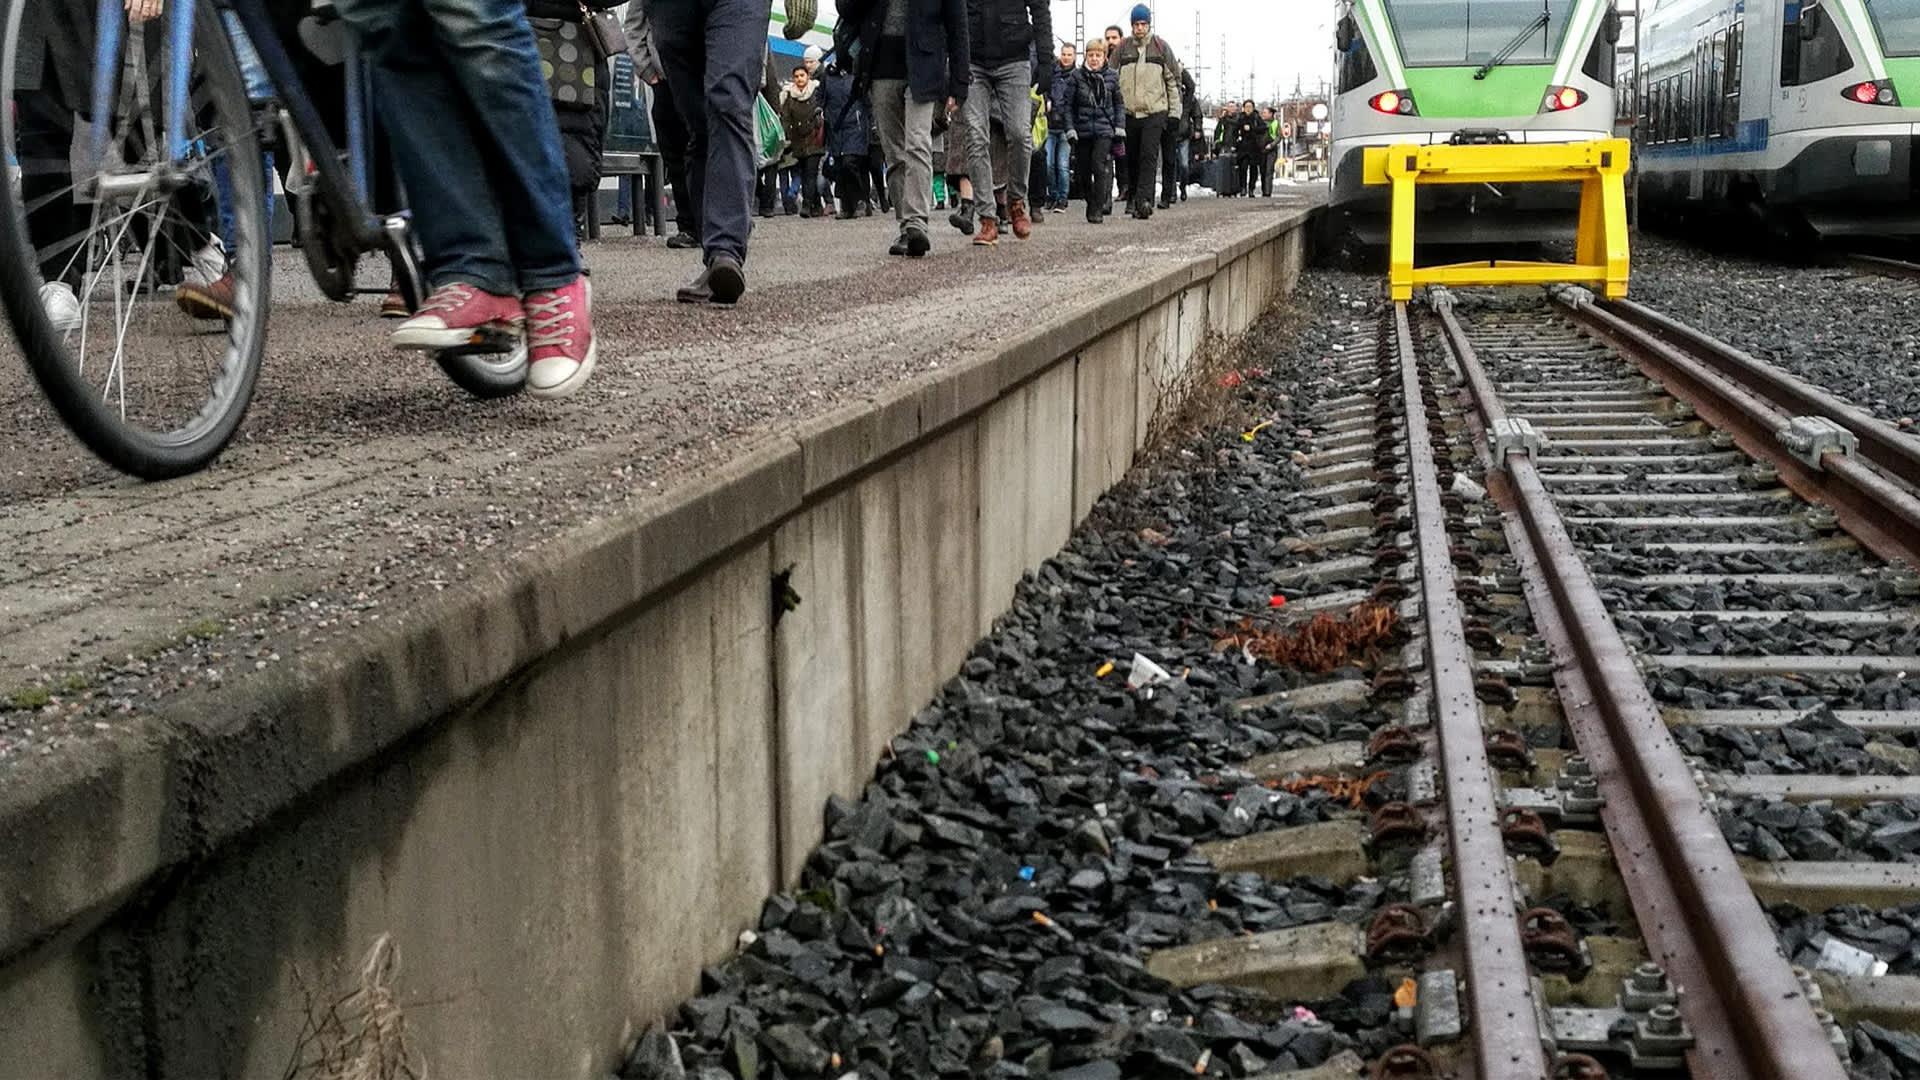 Junan raiteet Helsingin rautatieasemalla, ihmisiä kulkee ohi.